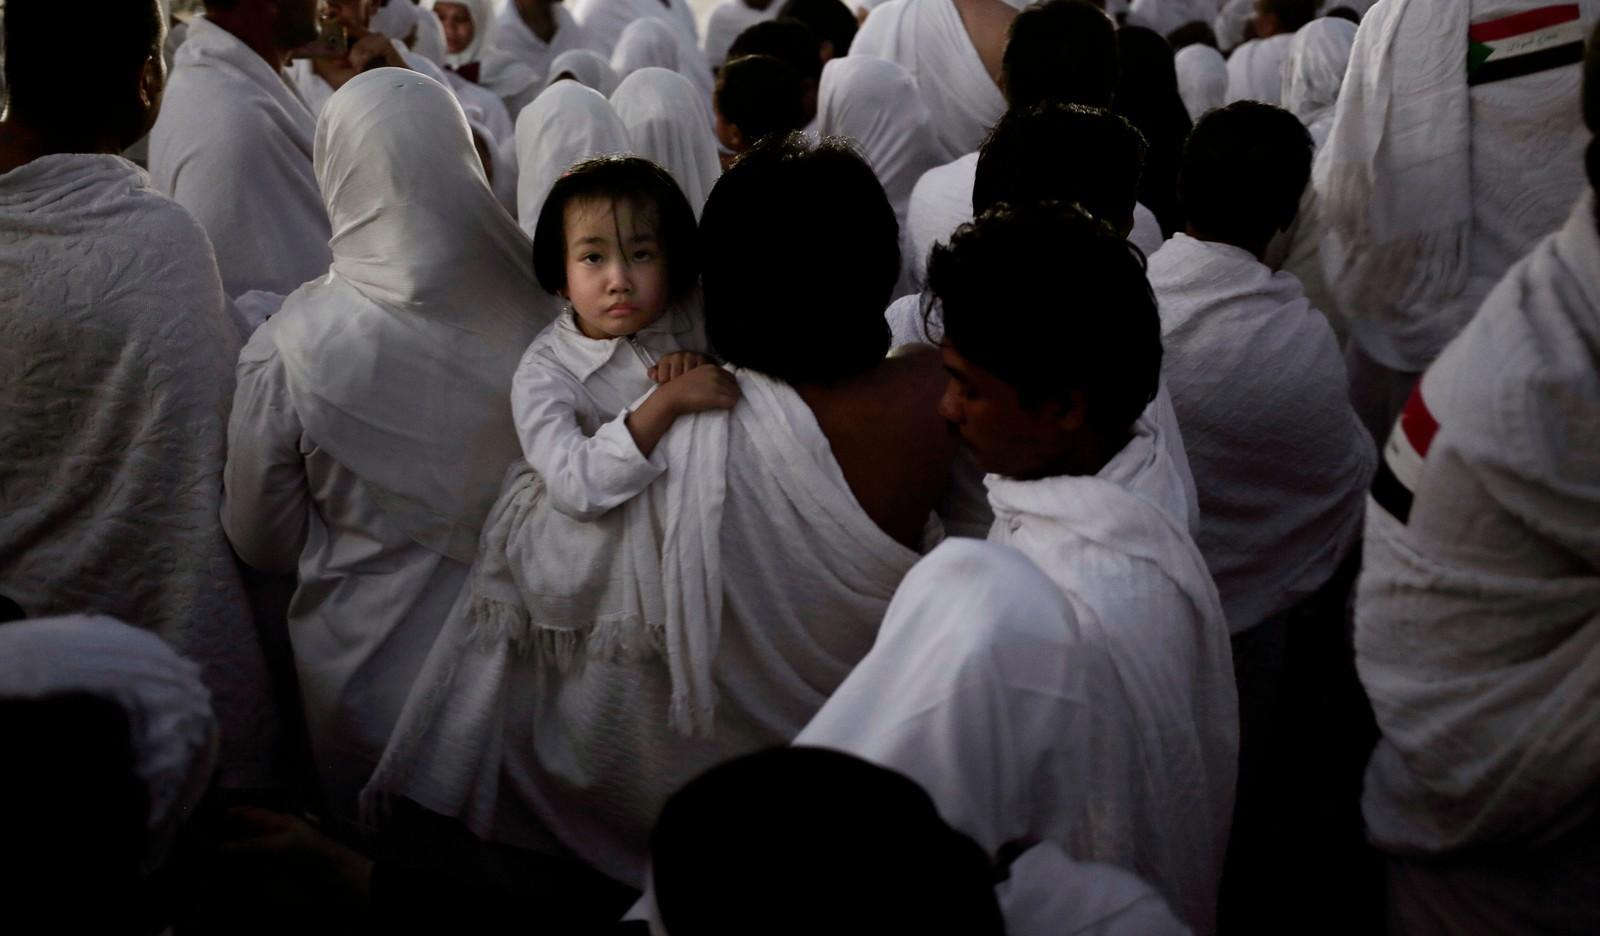 MED BUSS: Etter at solen gikk ned ble folkemengdene fraktet i busser til Muzdalifah, der et nytt ritual venter.